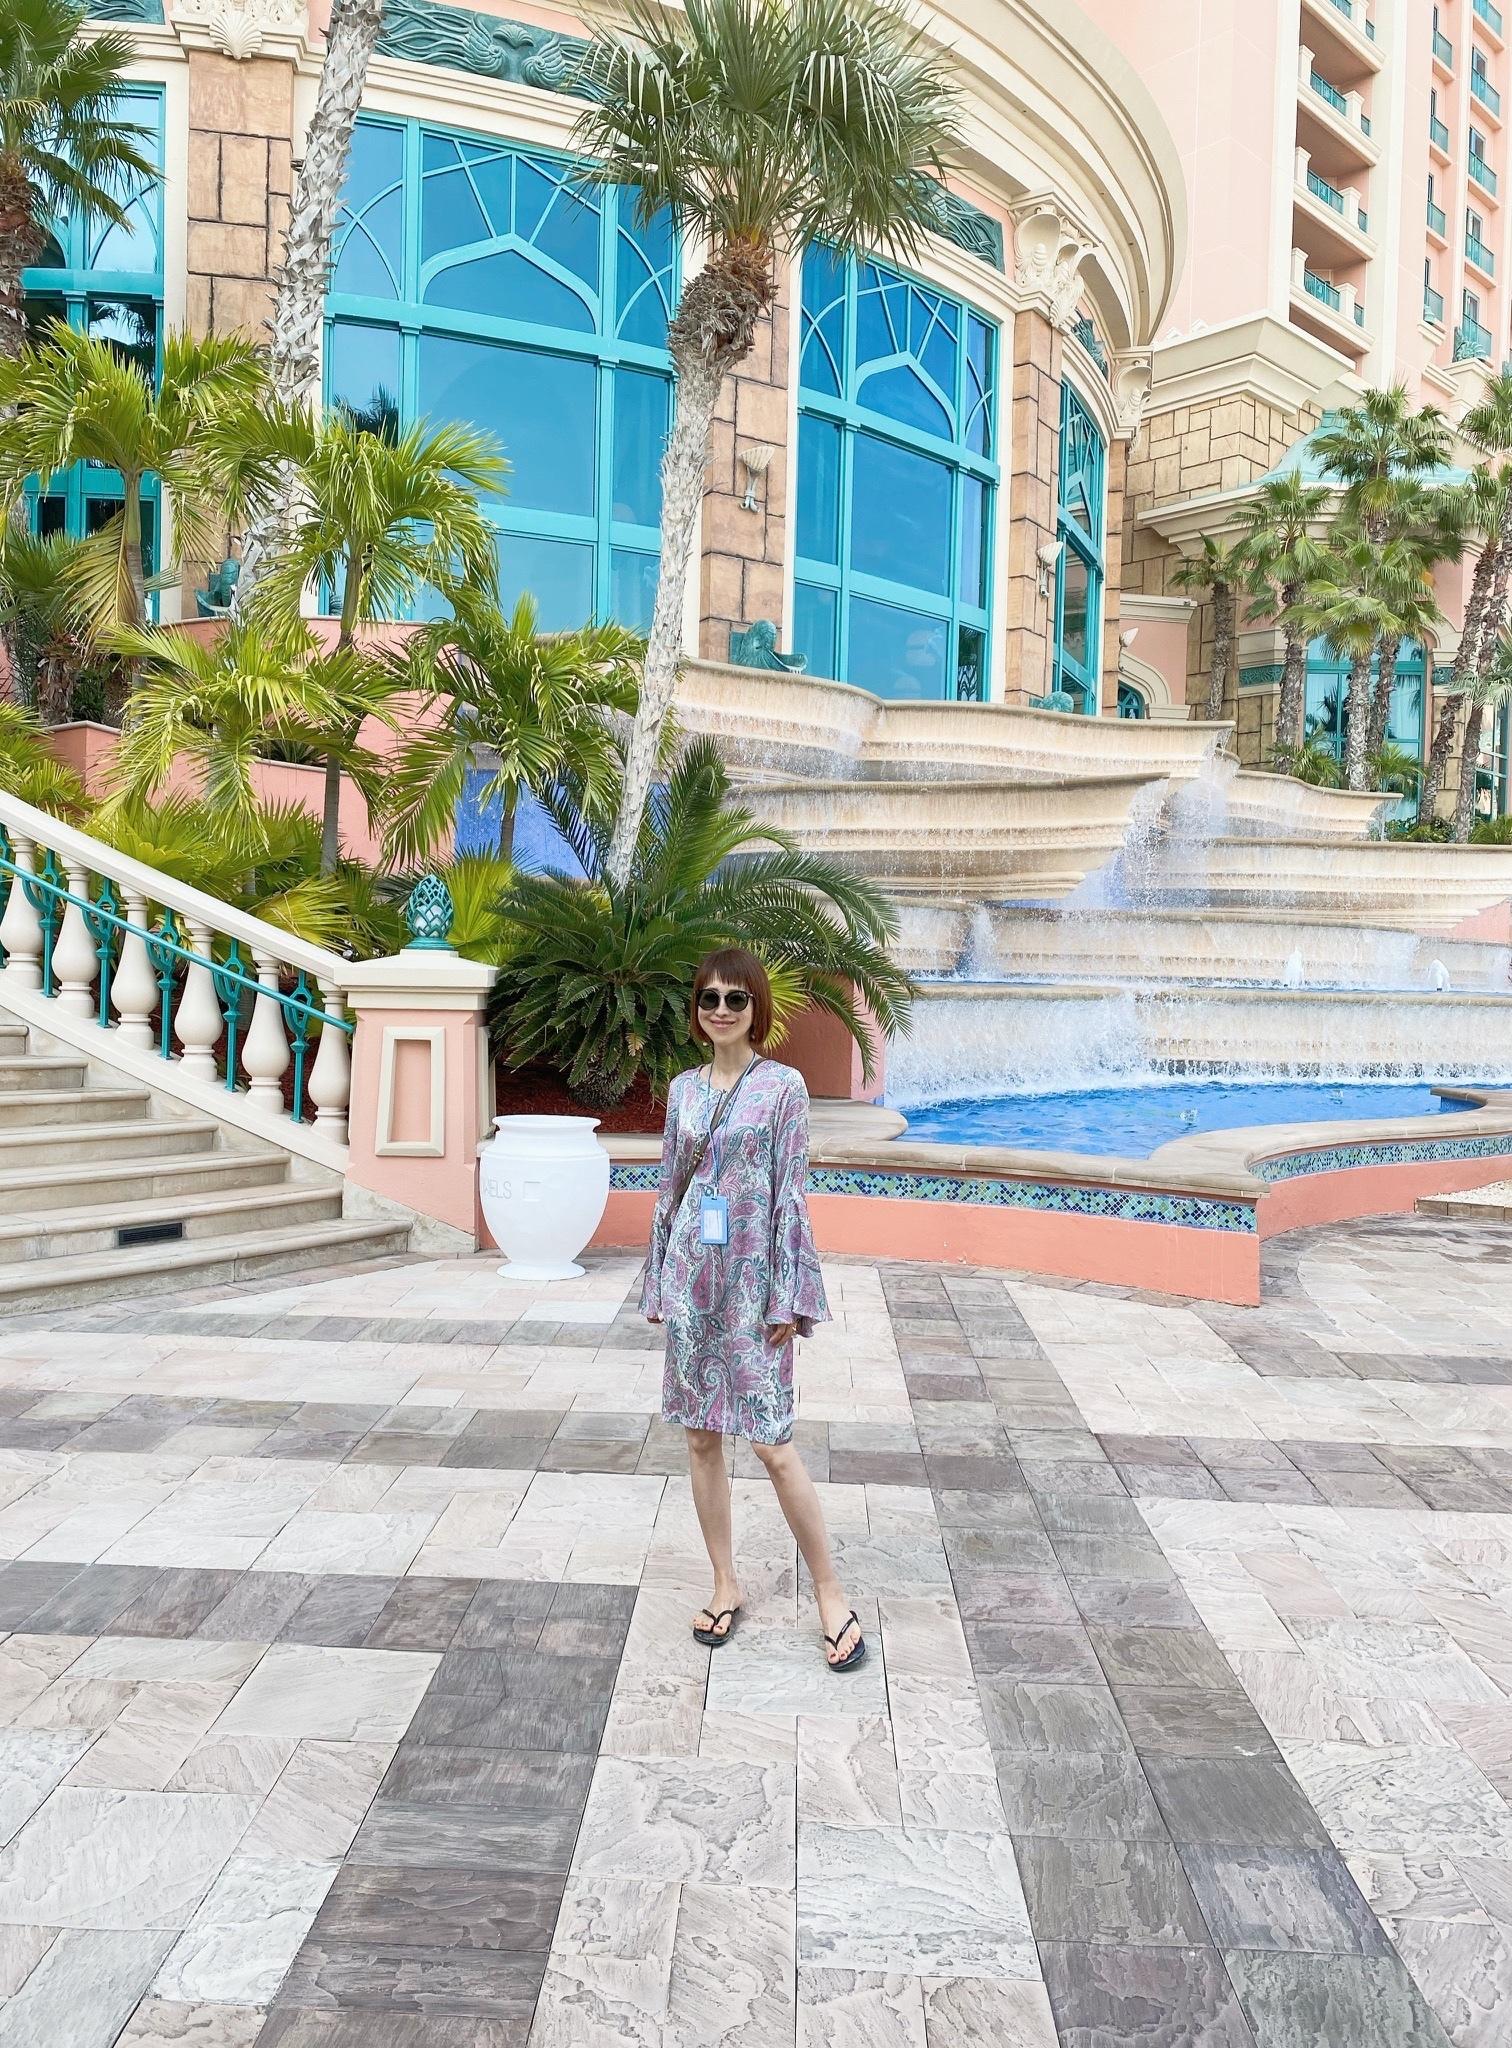 「ATRANTIS THE PALM」ホテルのお部屋&プライベートビーチ 〜ドバイ⑦〜_1_8